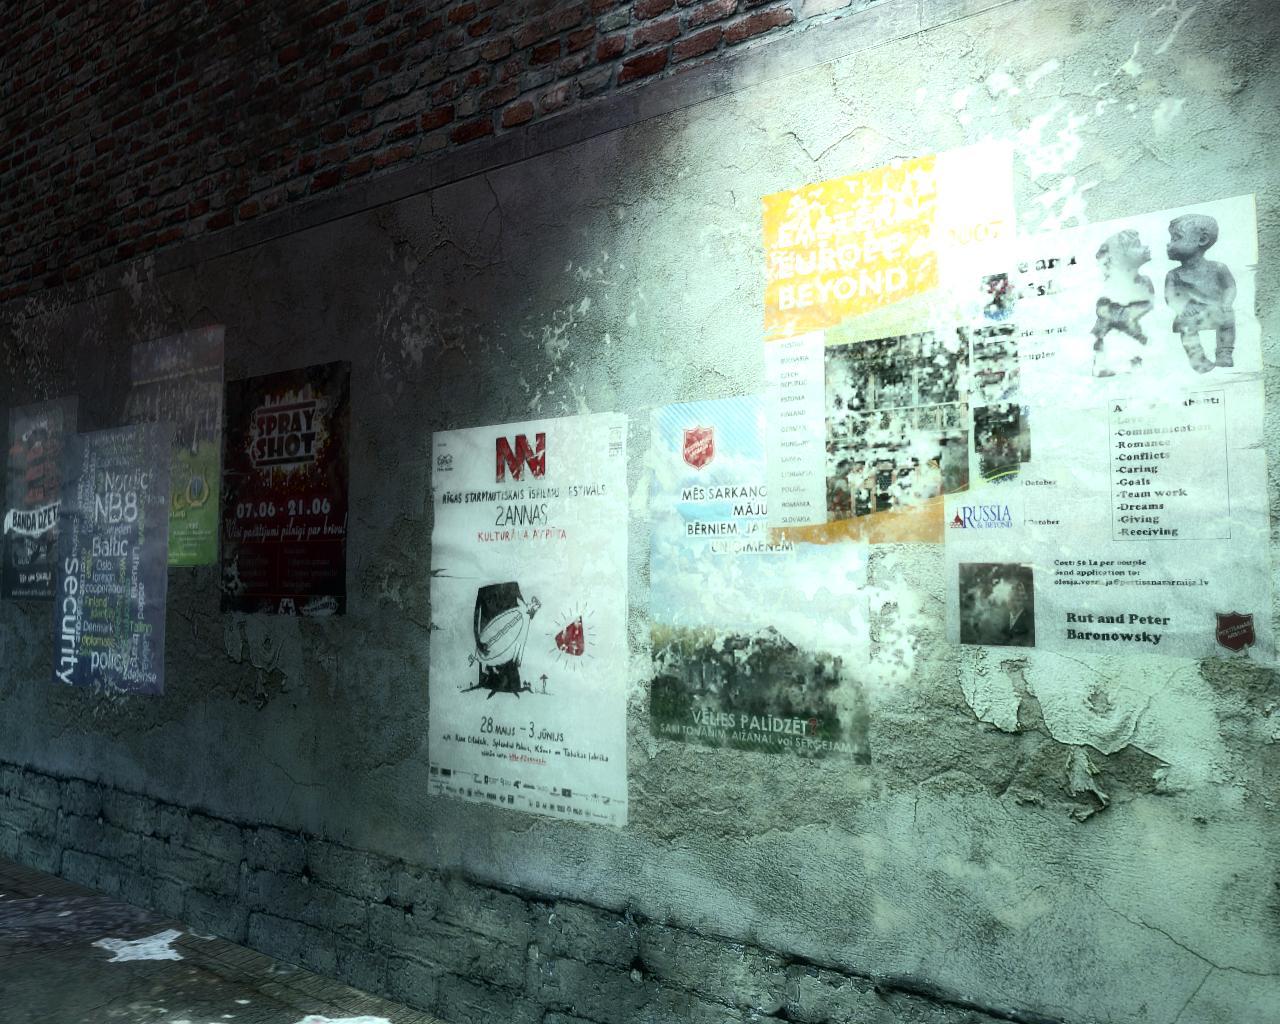 hl2 2013-03-17 08-15-45-28.jpg - Half-Life 2 FakeFactory Cinematic Mod V12.21